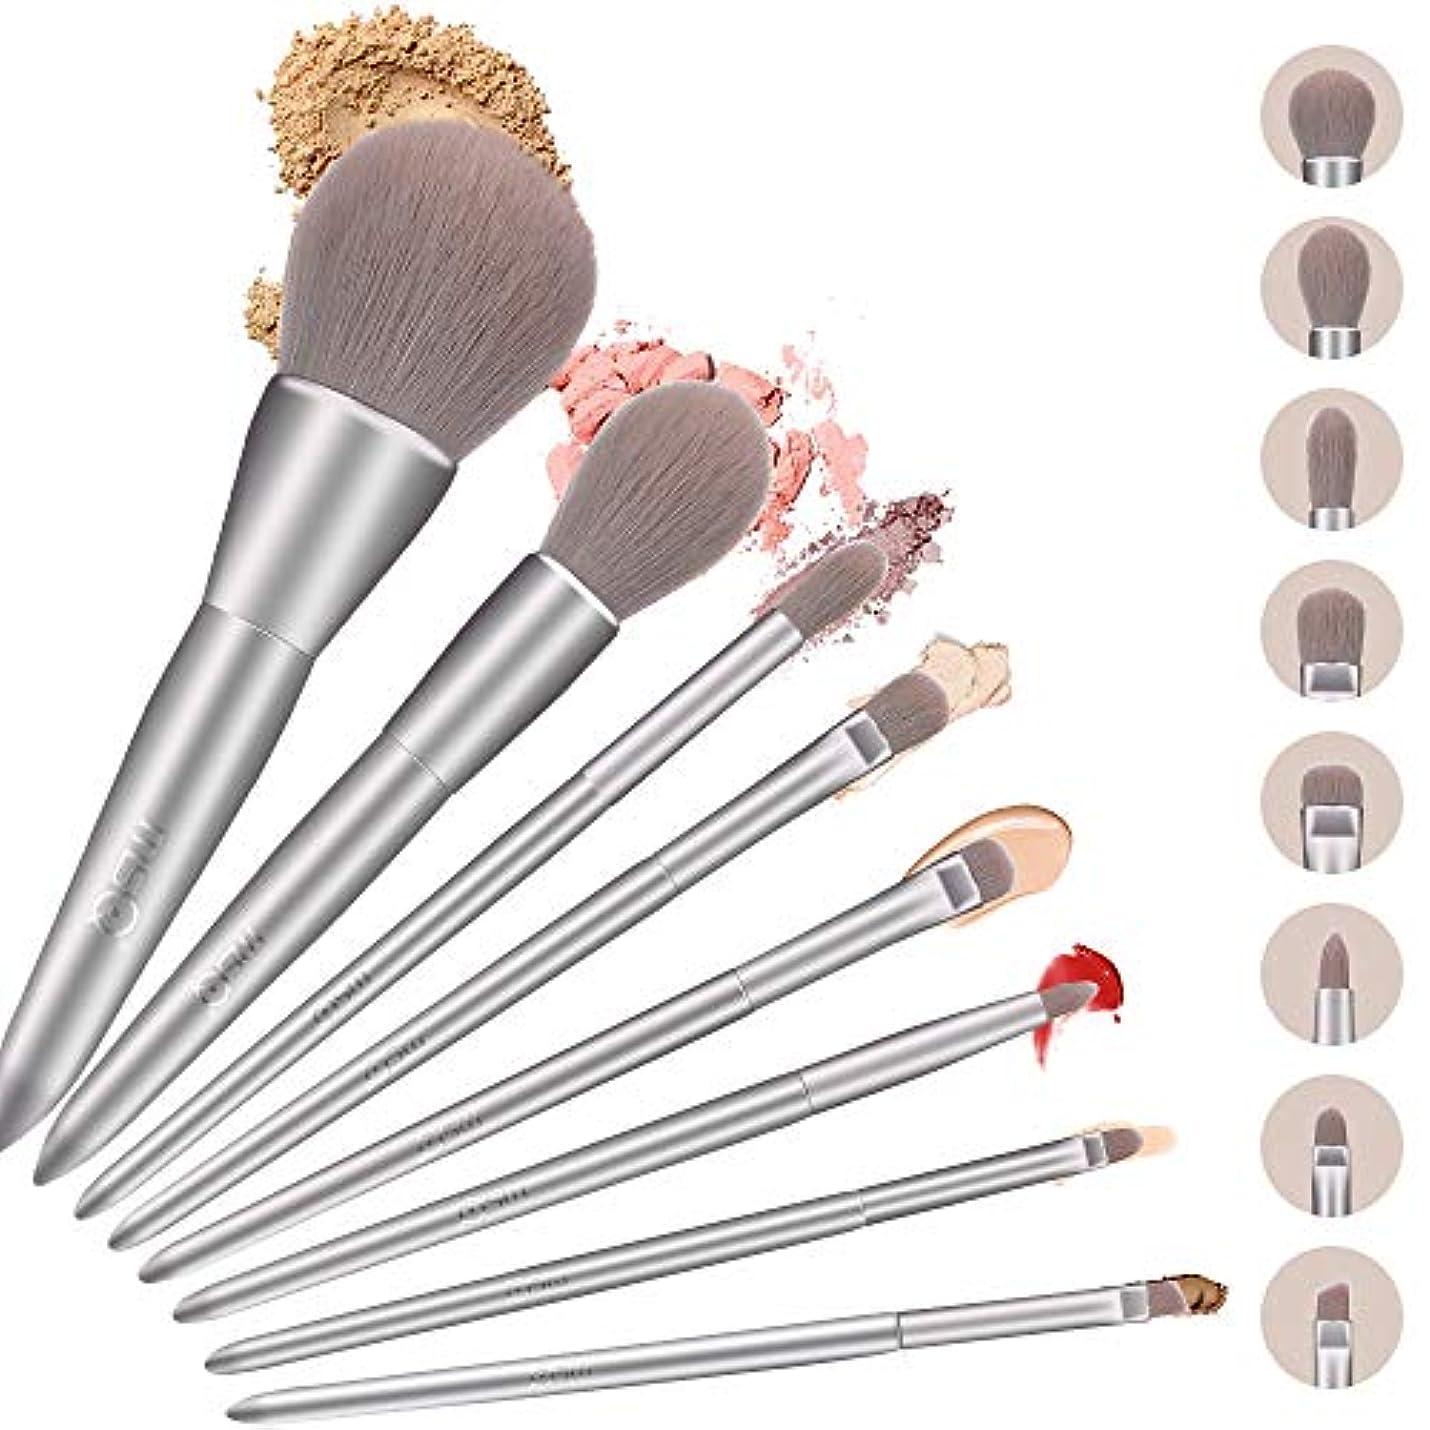 天窓シットコム強制的MSQ メイクブラシ 8本セット 誕生日プレゼントゃギフトにもおすすめ 化粧プラシ [ フェイスブラシ パウダ一ブラシ アイシャドウブラシ ] 高級繊維毛 日常の化粧 集まる化粧 (銀, 8本)